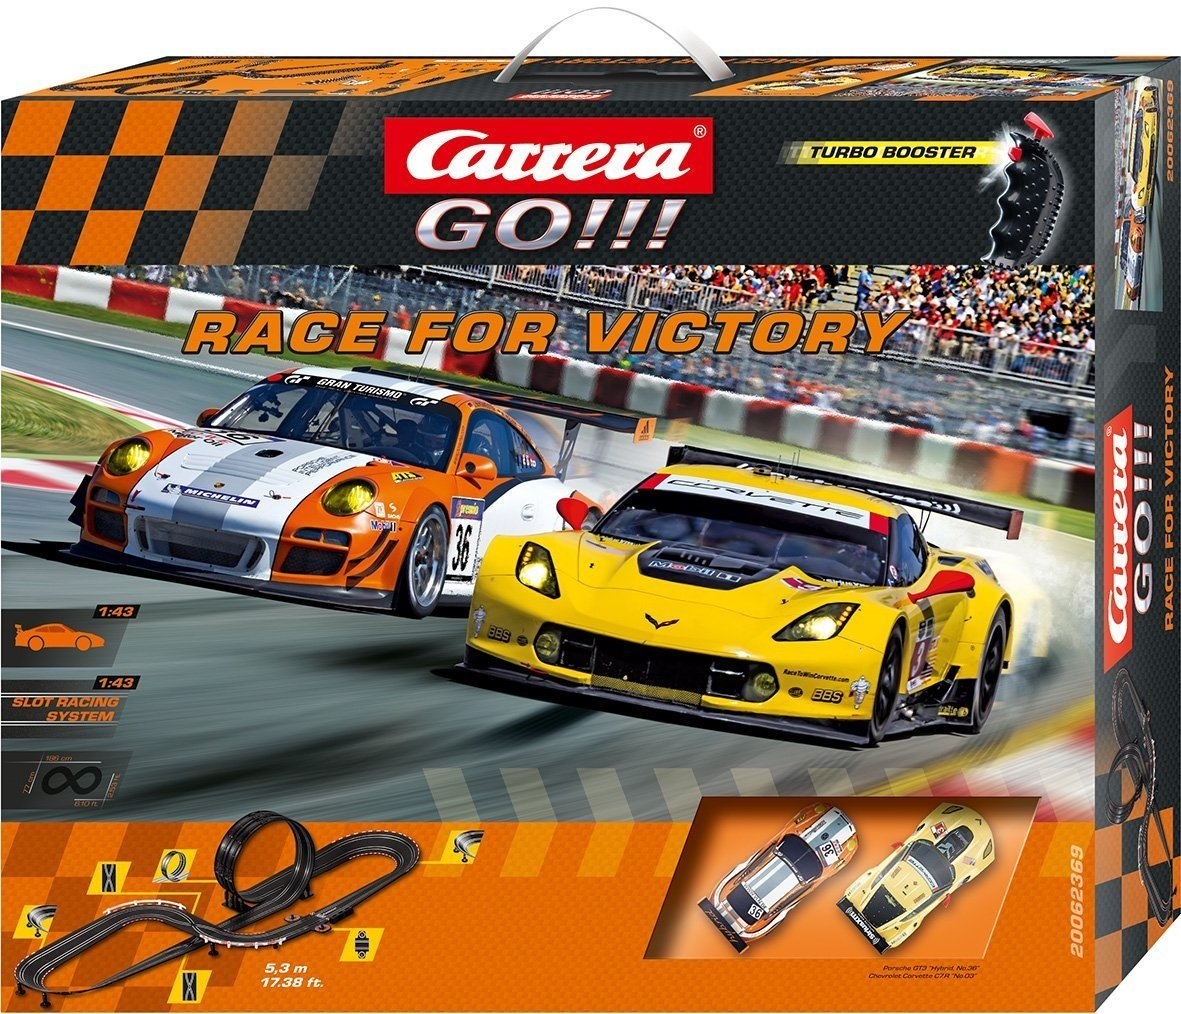 Carrera Go!!! - Circuito Race for Victory, con Porsche 911 GT3 Hybrid y Chevrolet Corvette C7.R No.3 (20062369): Amazon.es: Juguetes y juegos